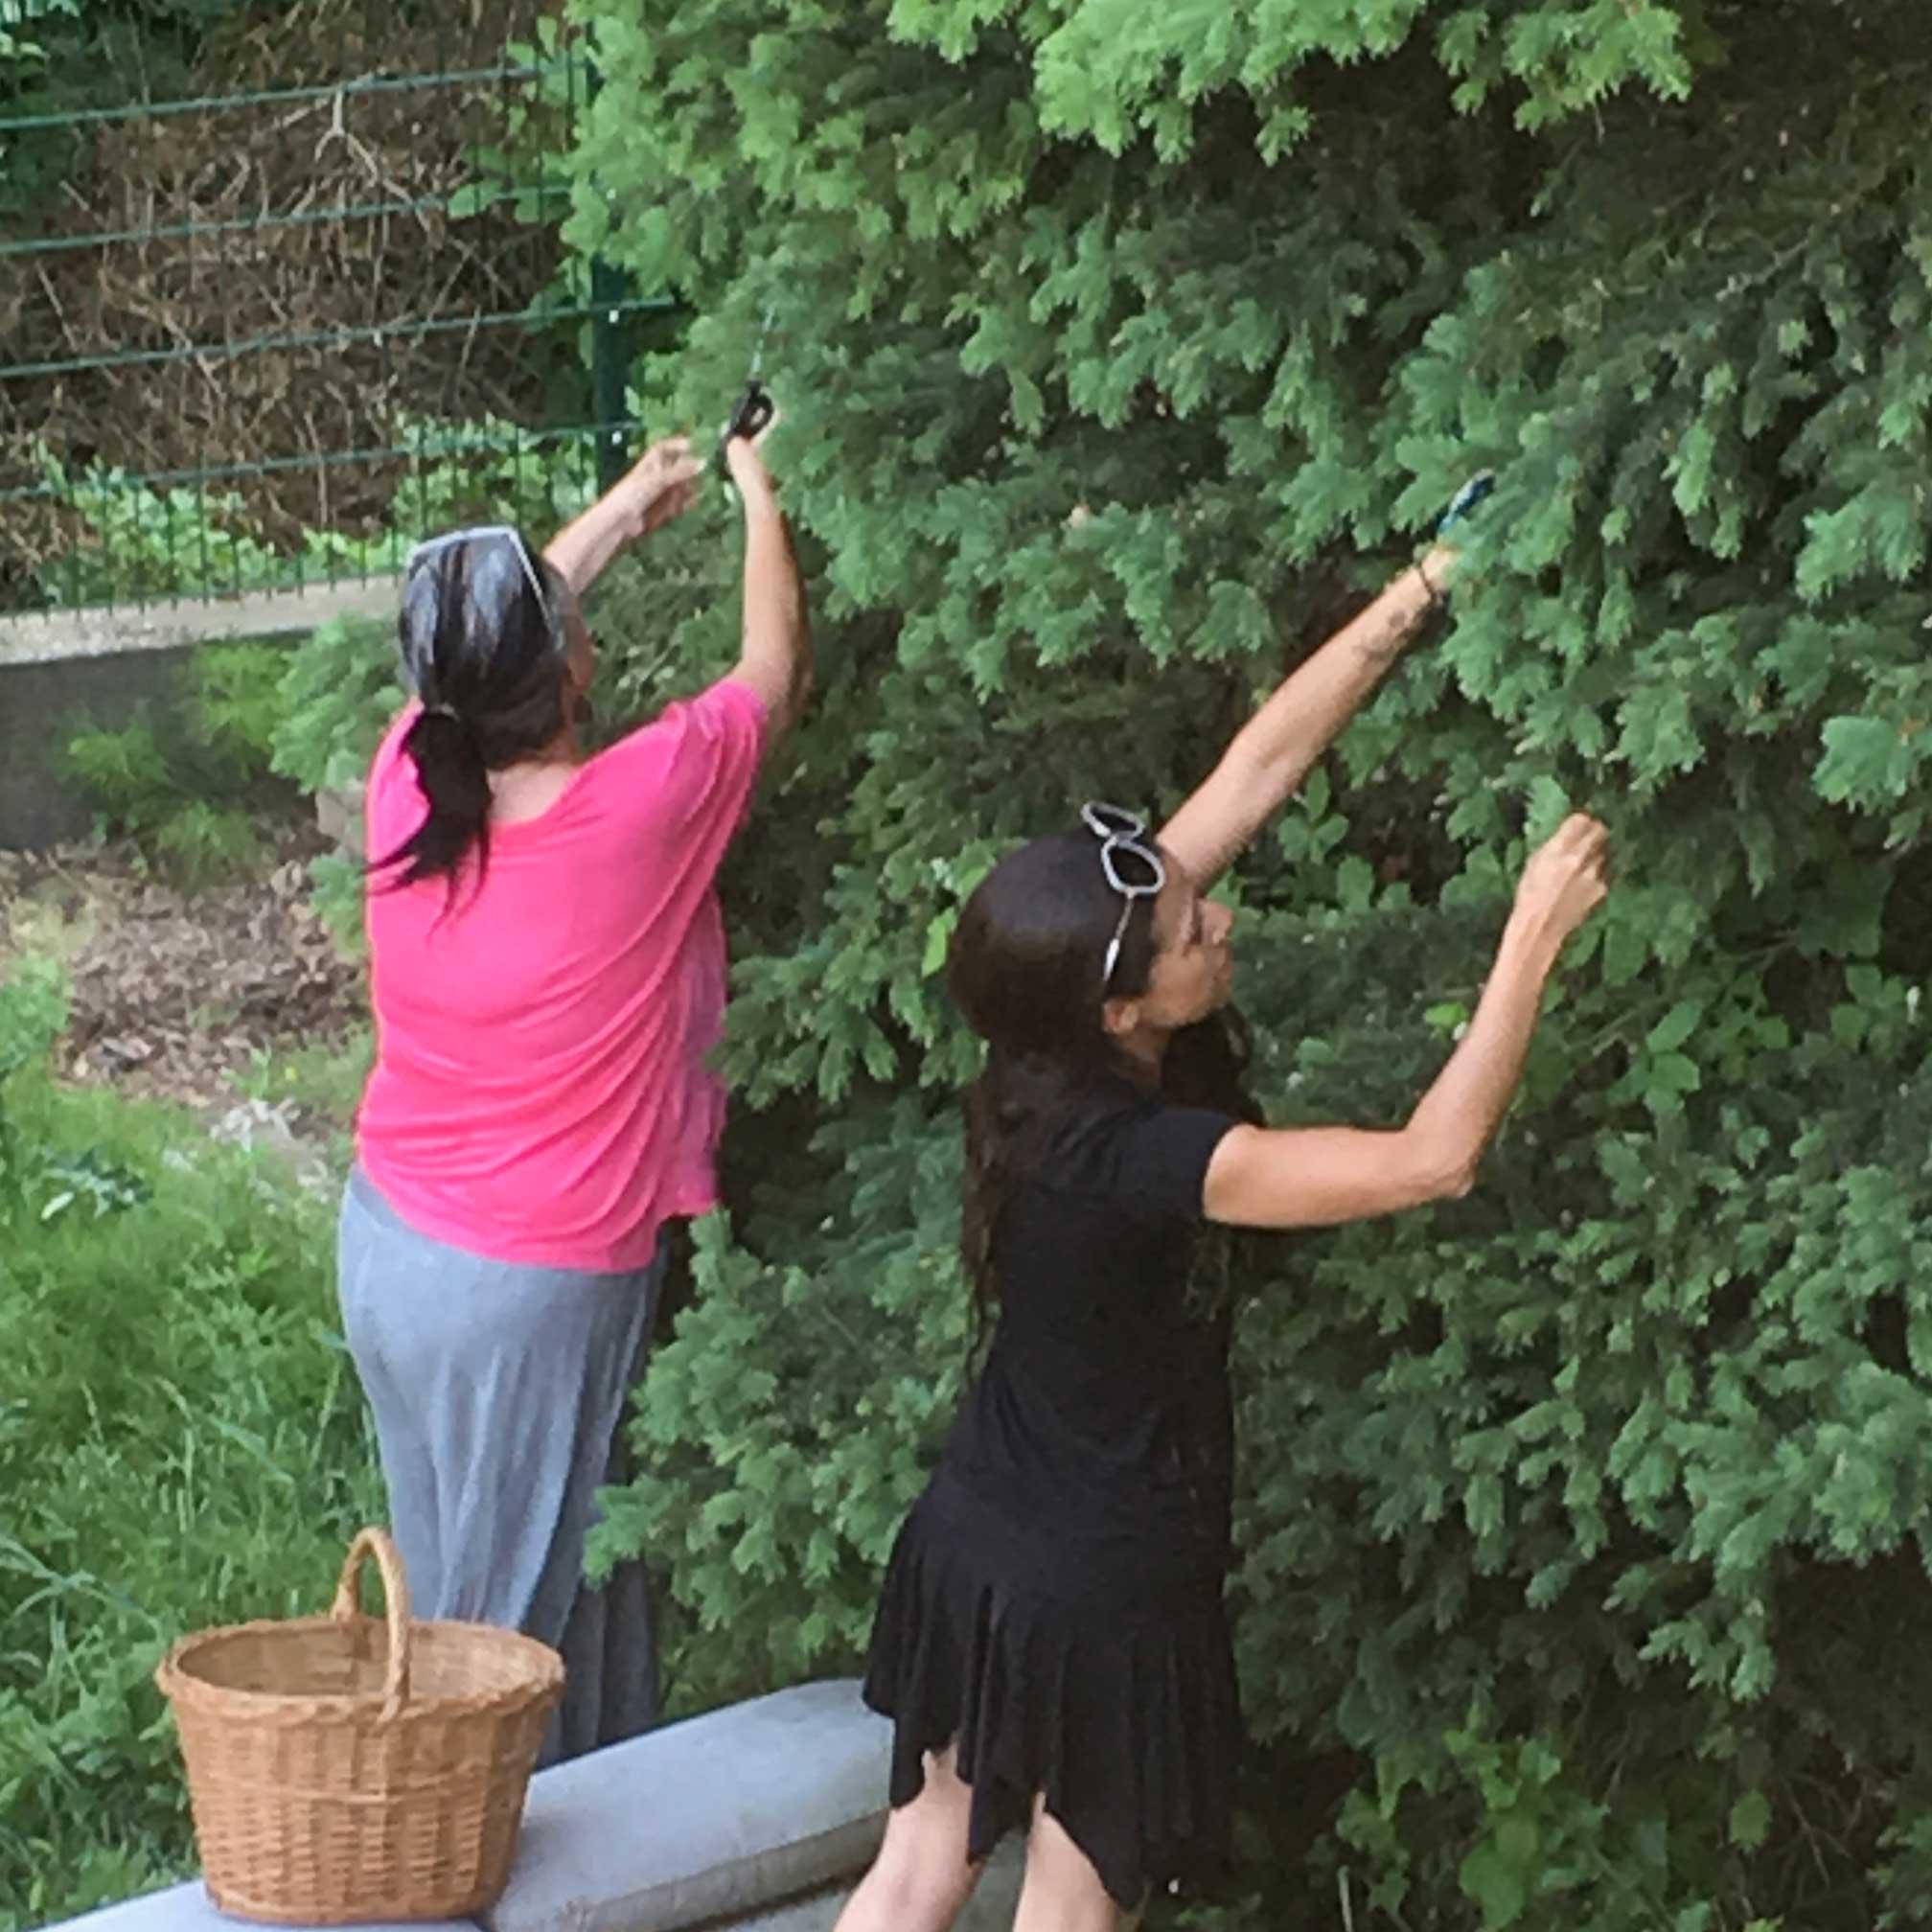 Foto: Alexa und Andrea beim Pflücken